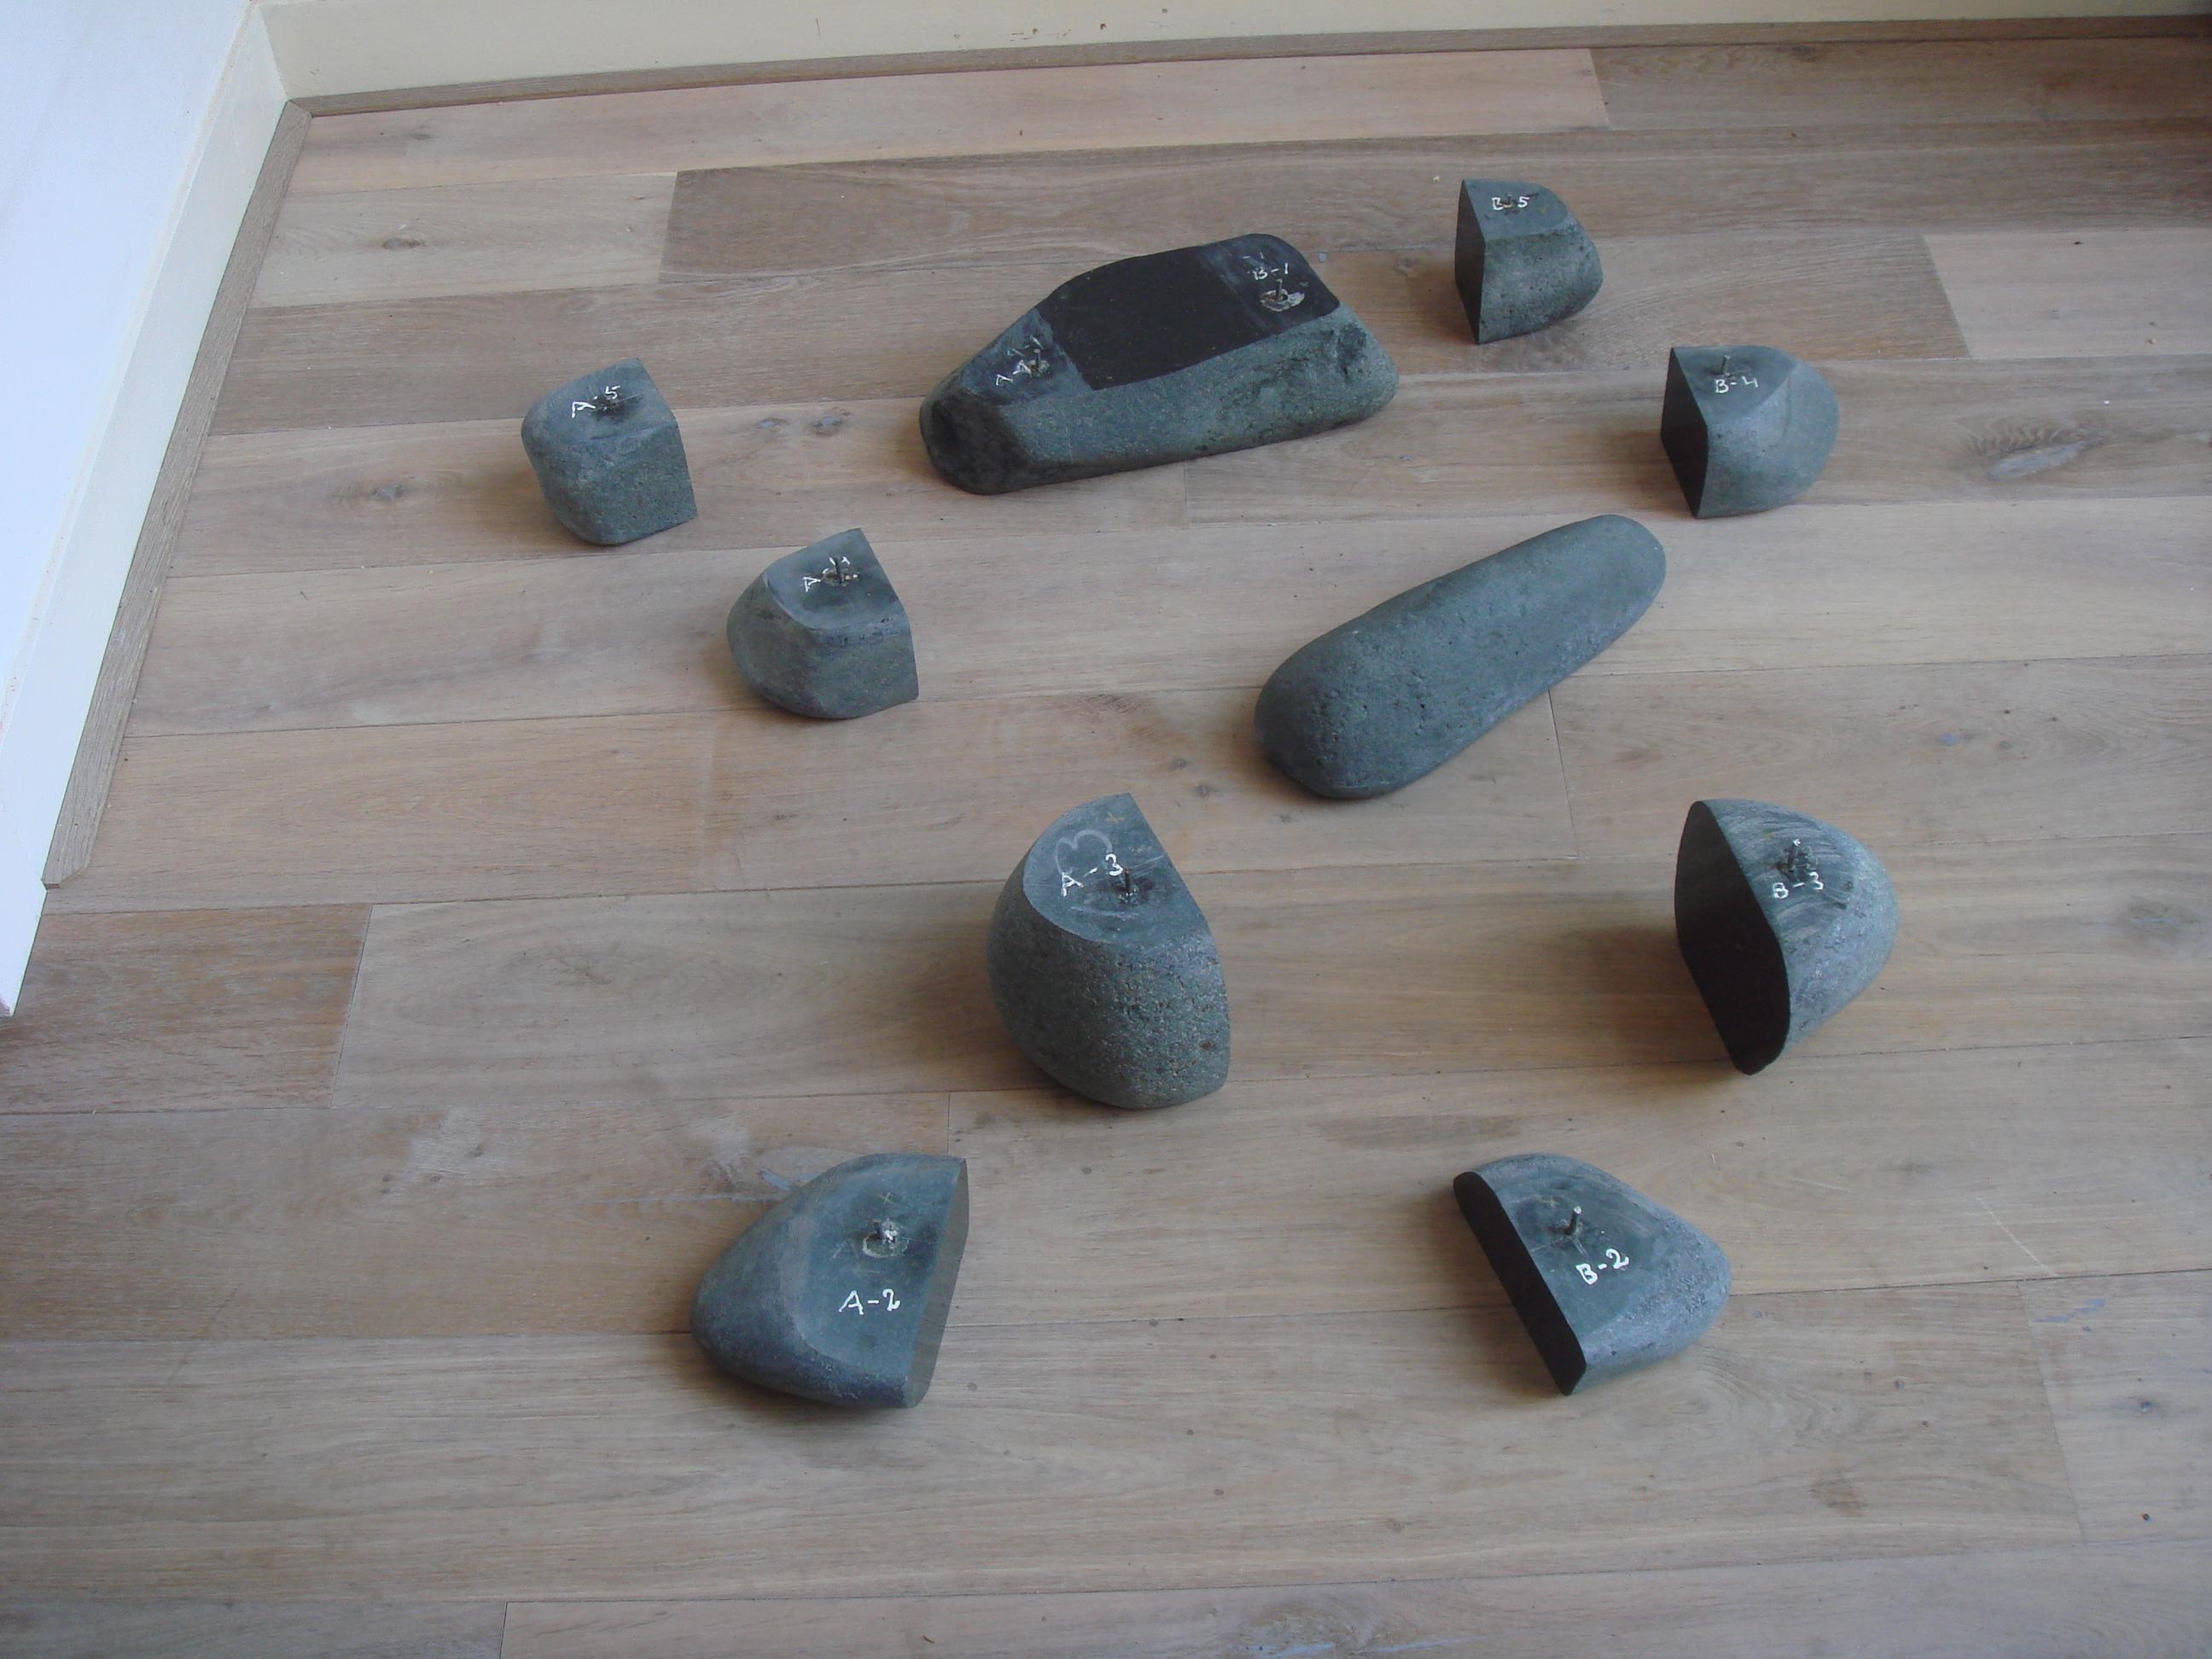 Stones-90